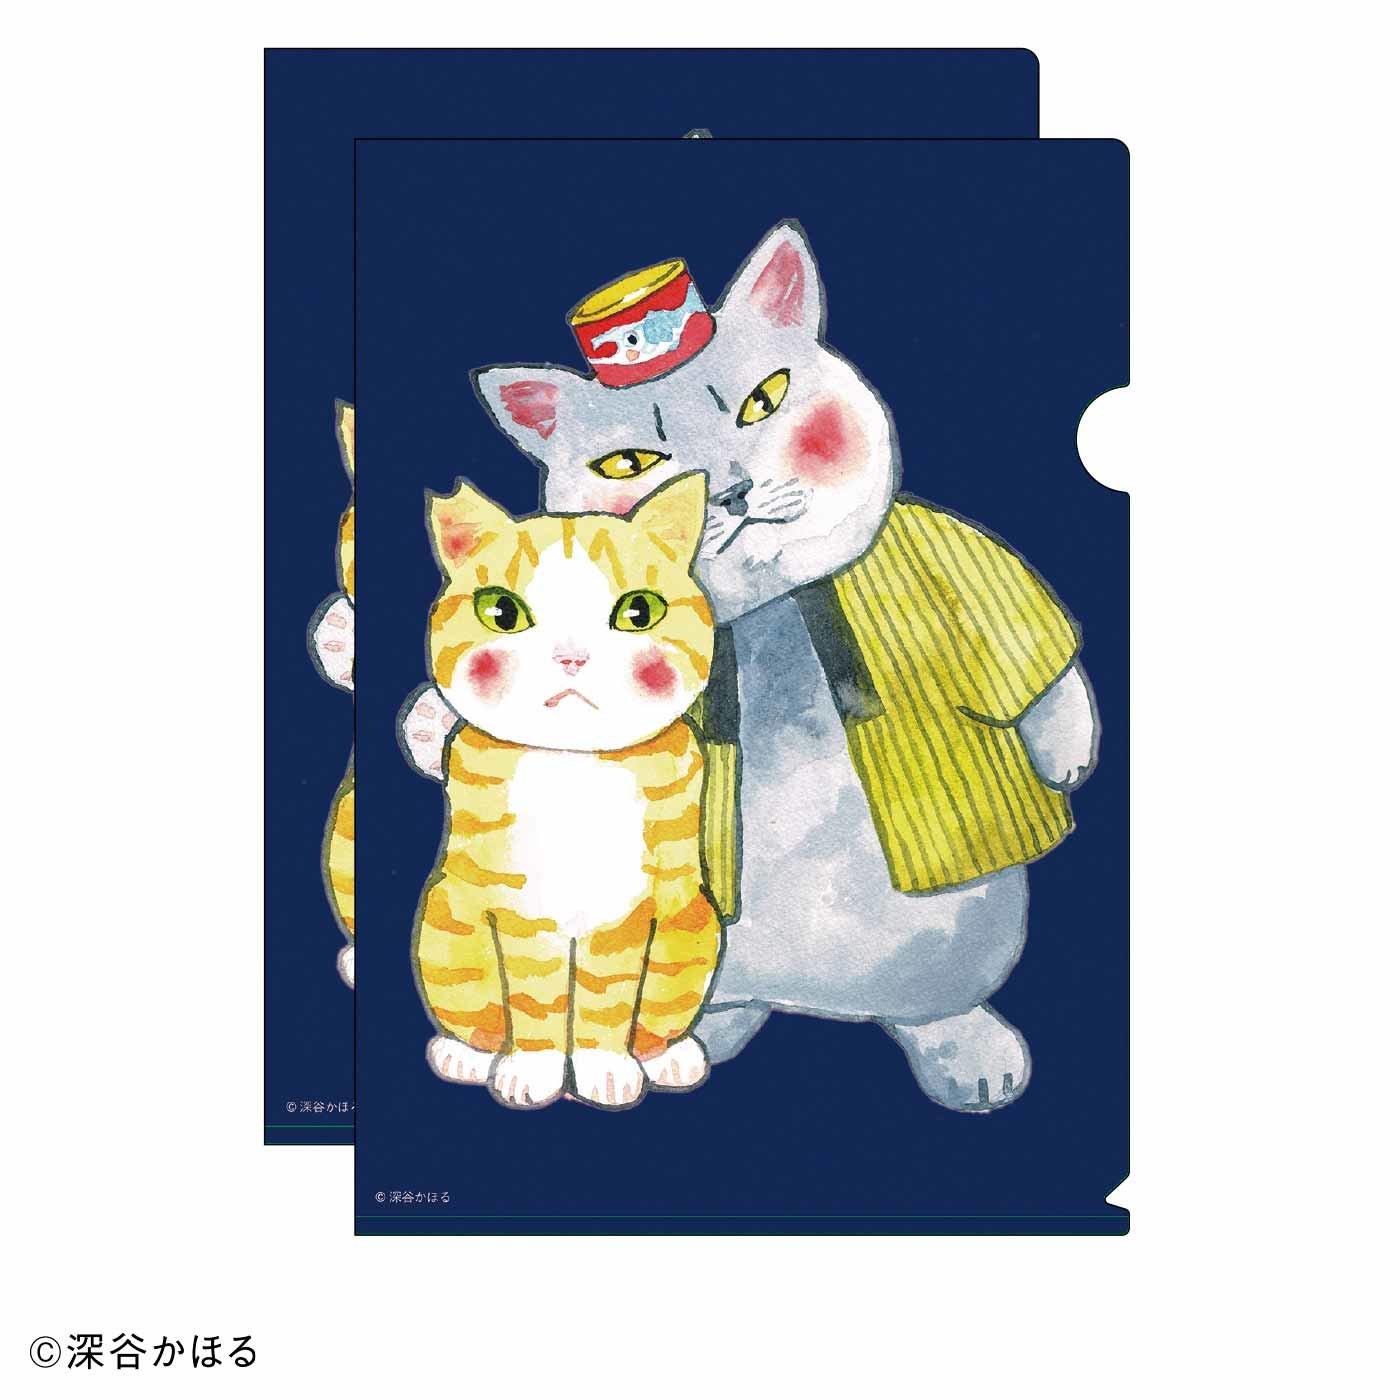 猫部×深谷かほる 地域猫チャリティークリアファイル2020